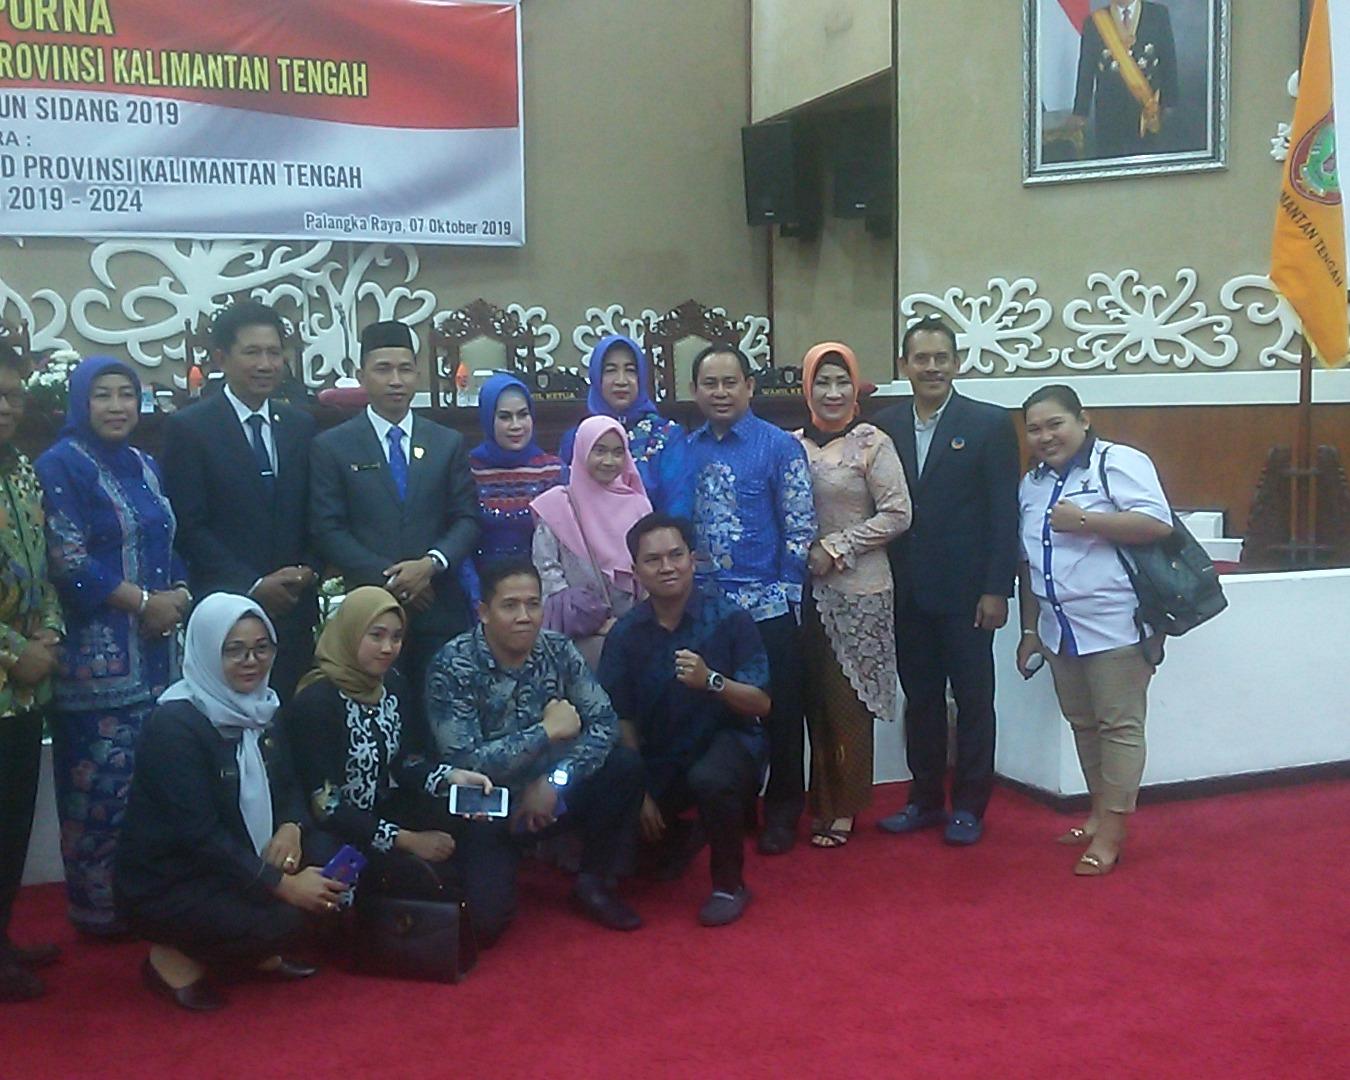 Empat Pimpinan DPRD Kalimantan Tengah Periode 2019-2024 Resmi Dilantik